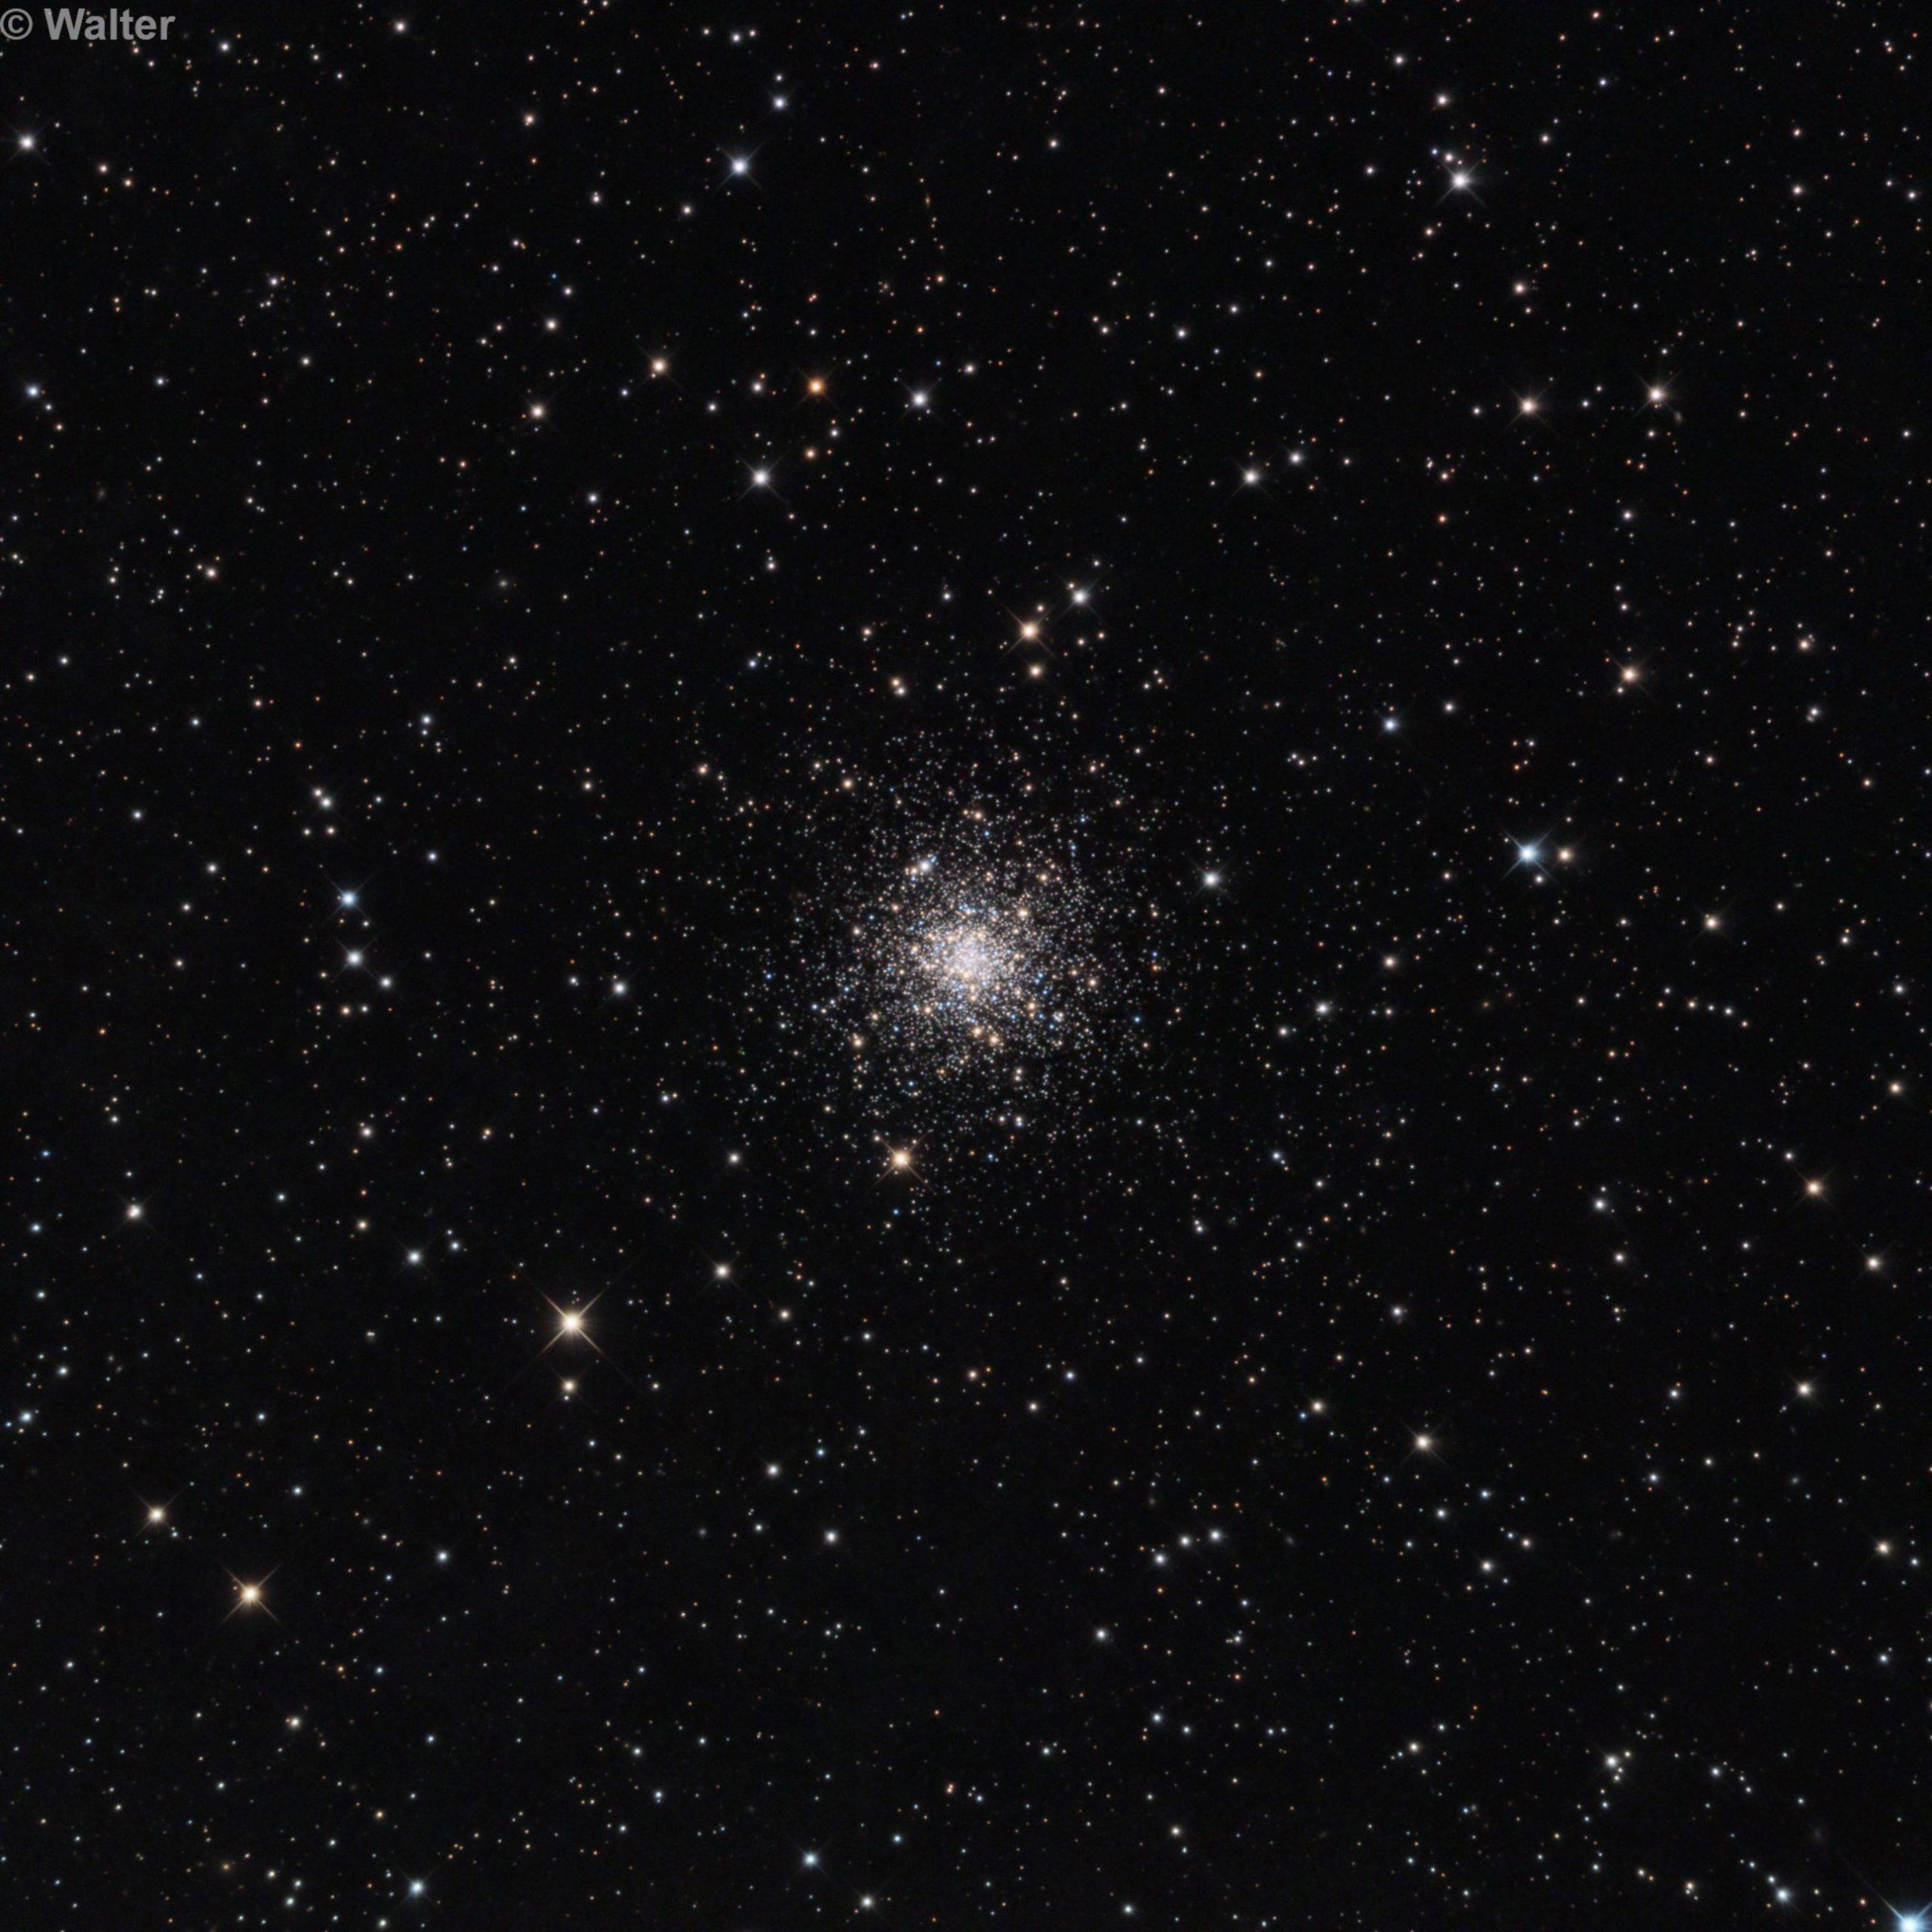 NGC 2298